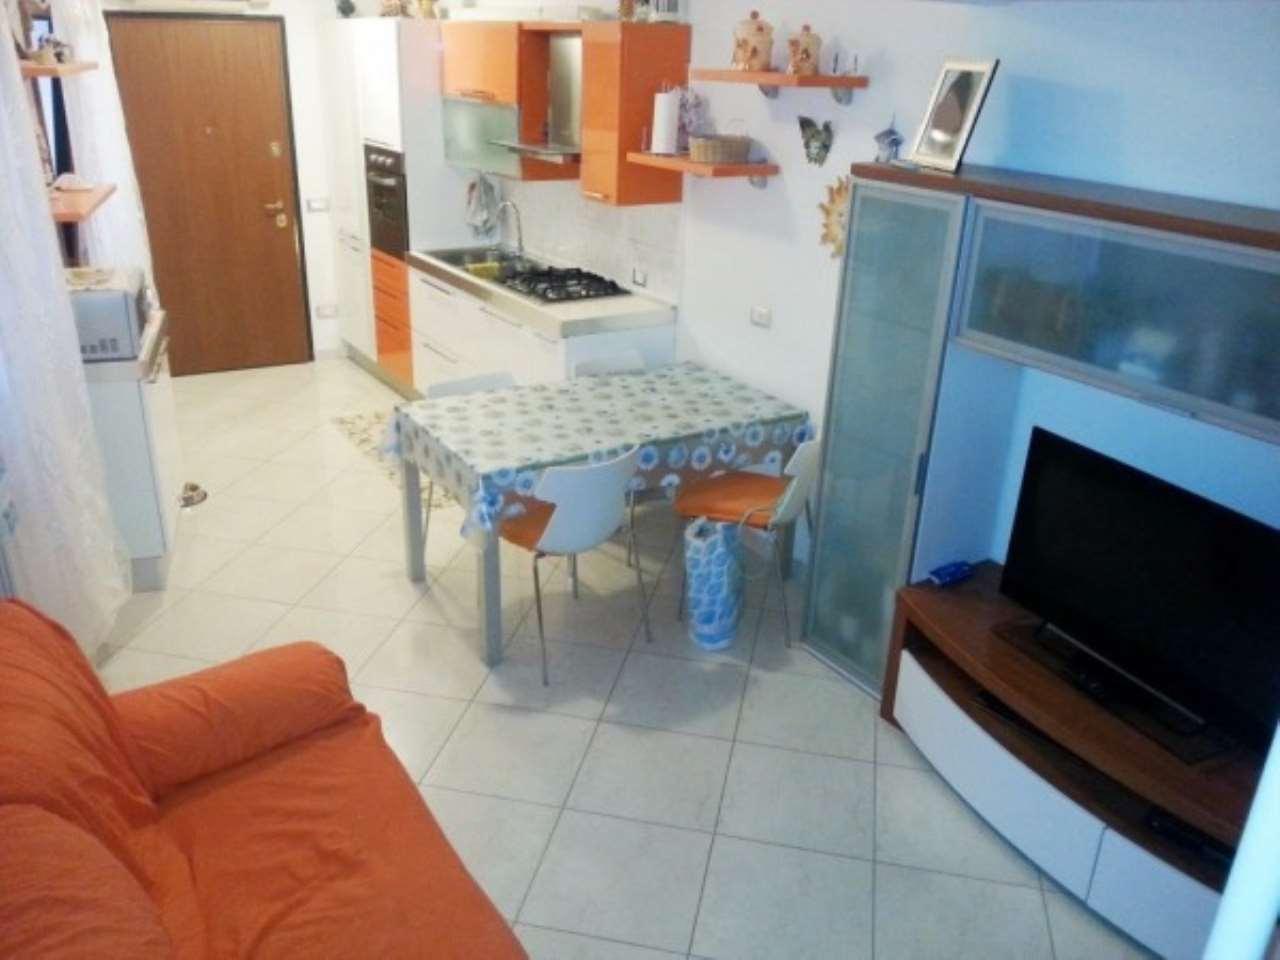 Soluzione Indipendente in vendita a Chioggia, 3 locali, prezzo € 200.000 | CambioCasa.it